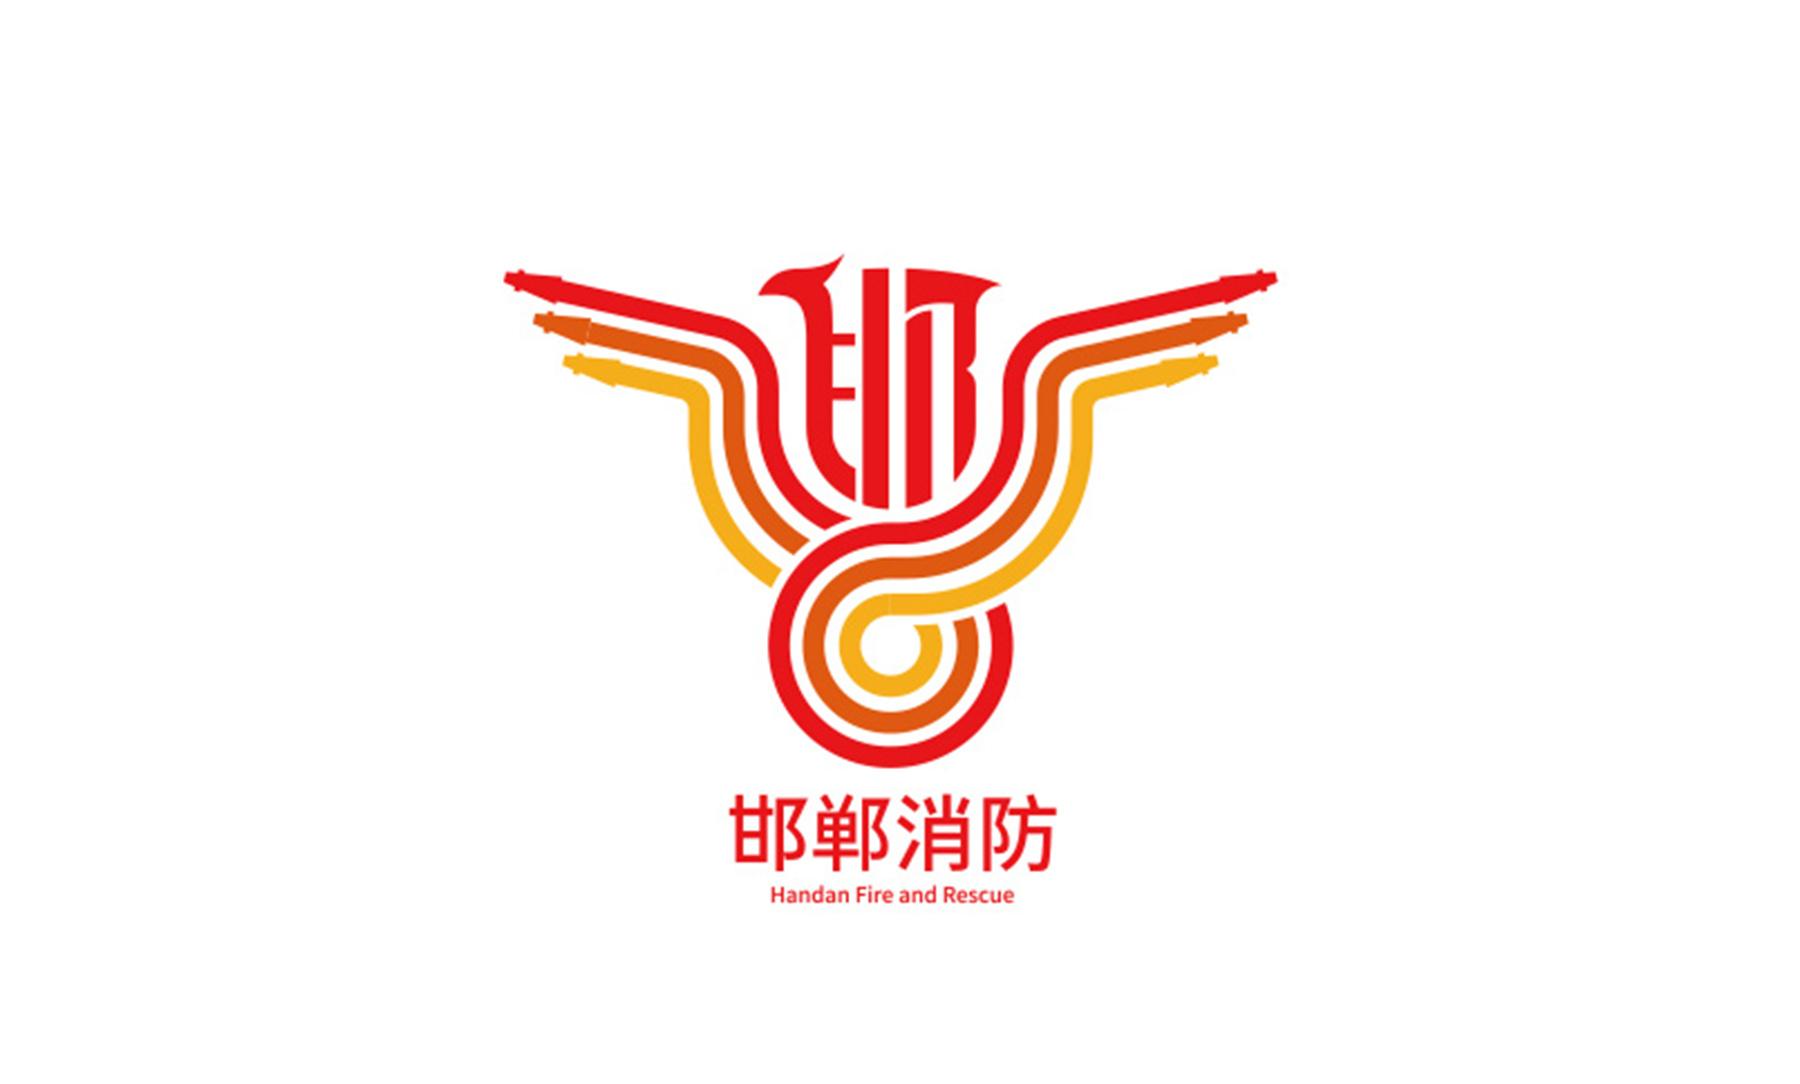 邯郸市消防救援l…